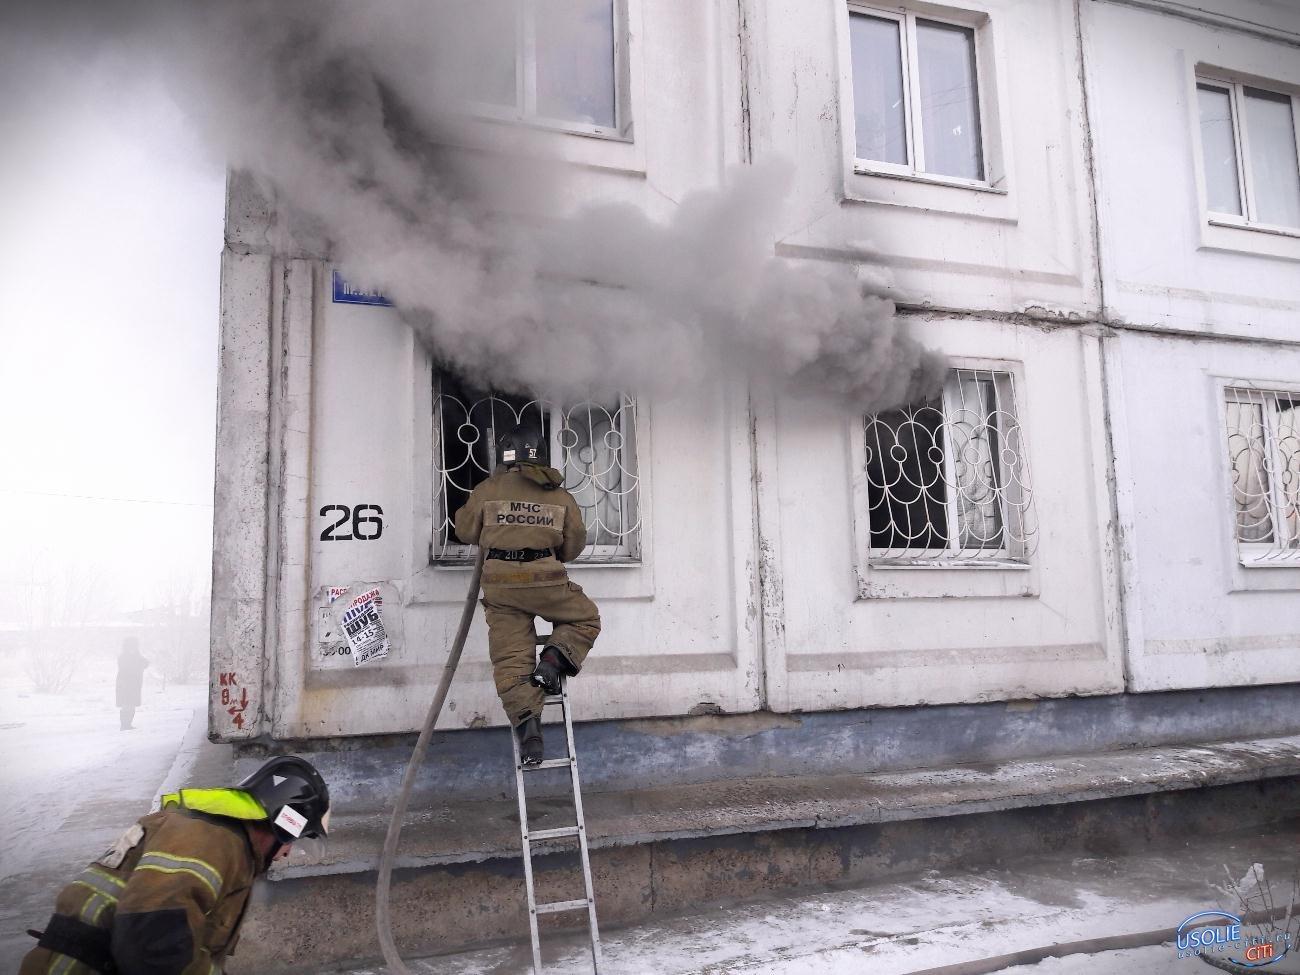 Страшный пожар в Усолье.  Горит квартира, людей эвакуируют